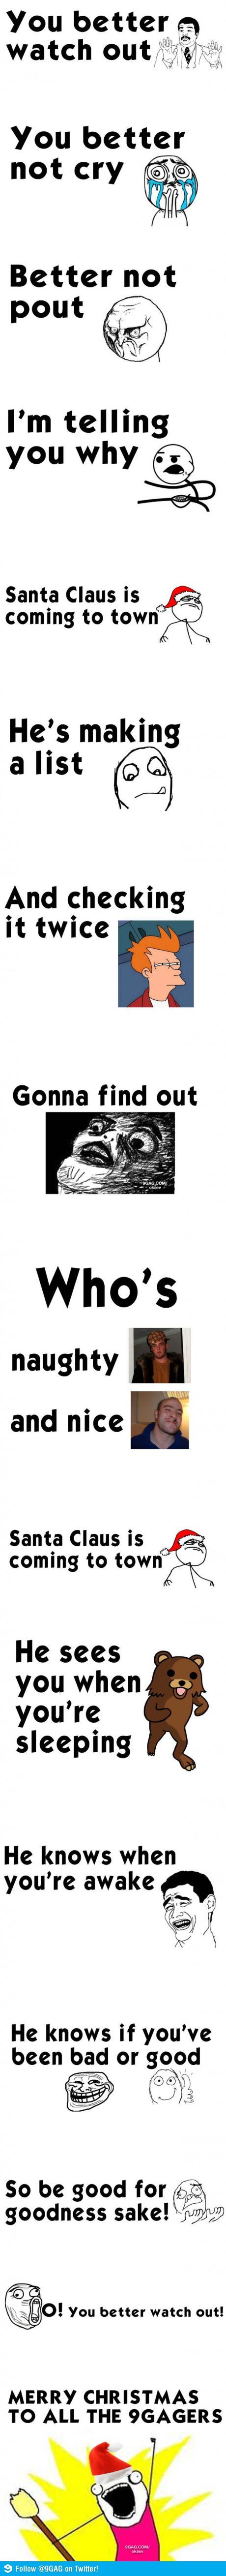 A very meme christmas | Laughter Heals | Pinterest | Meme, Humour ...